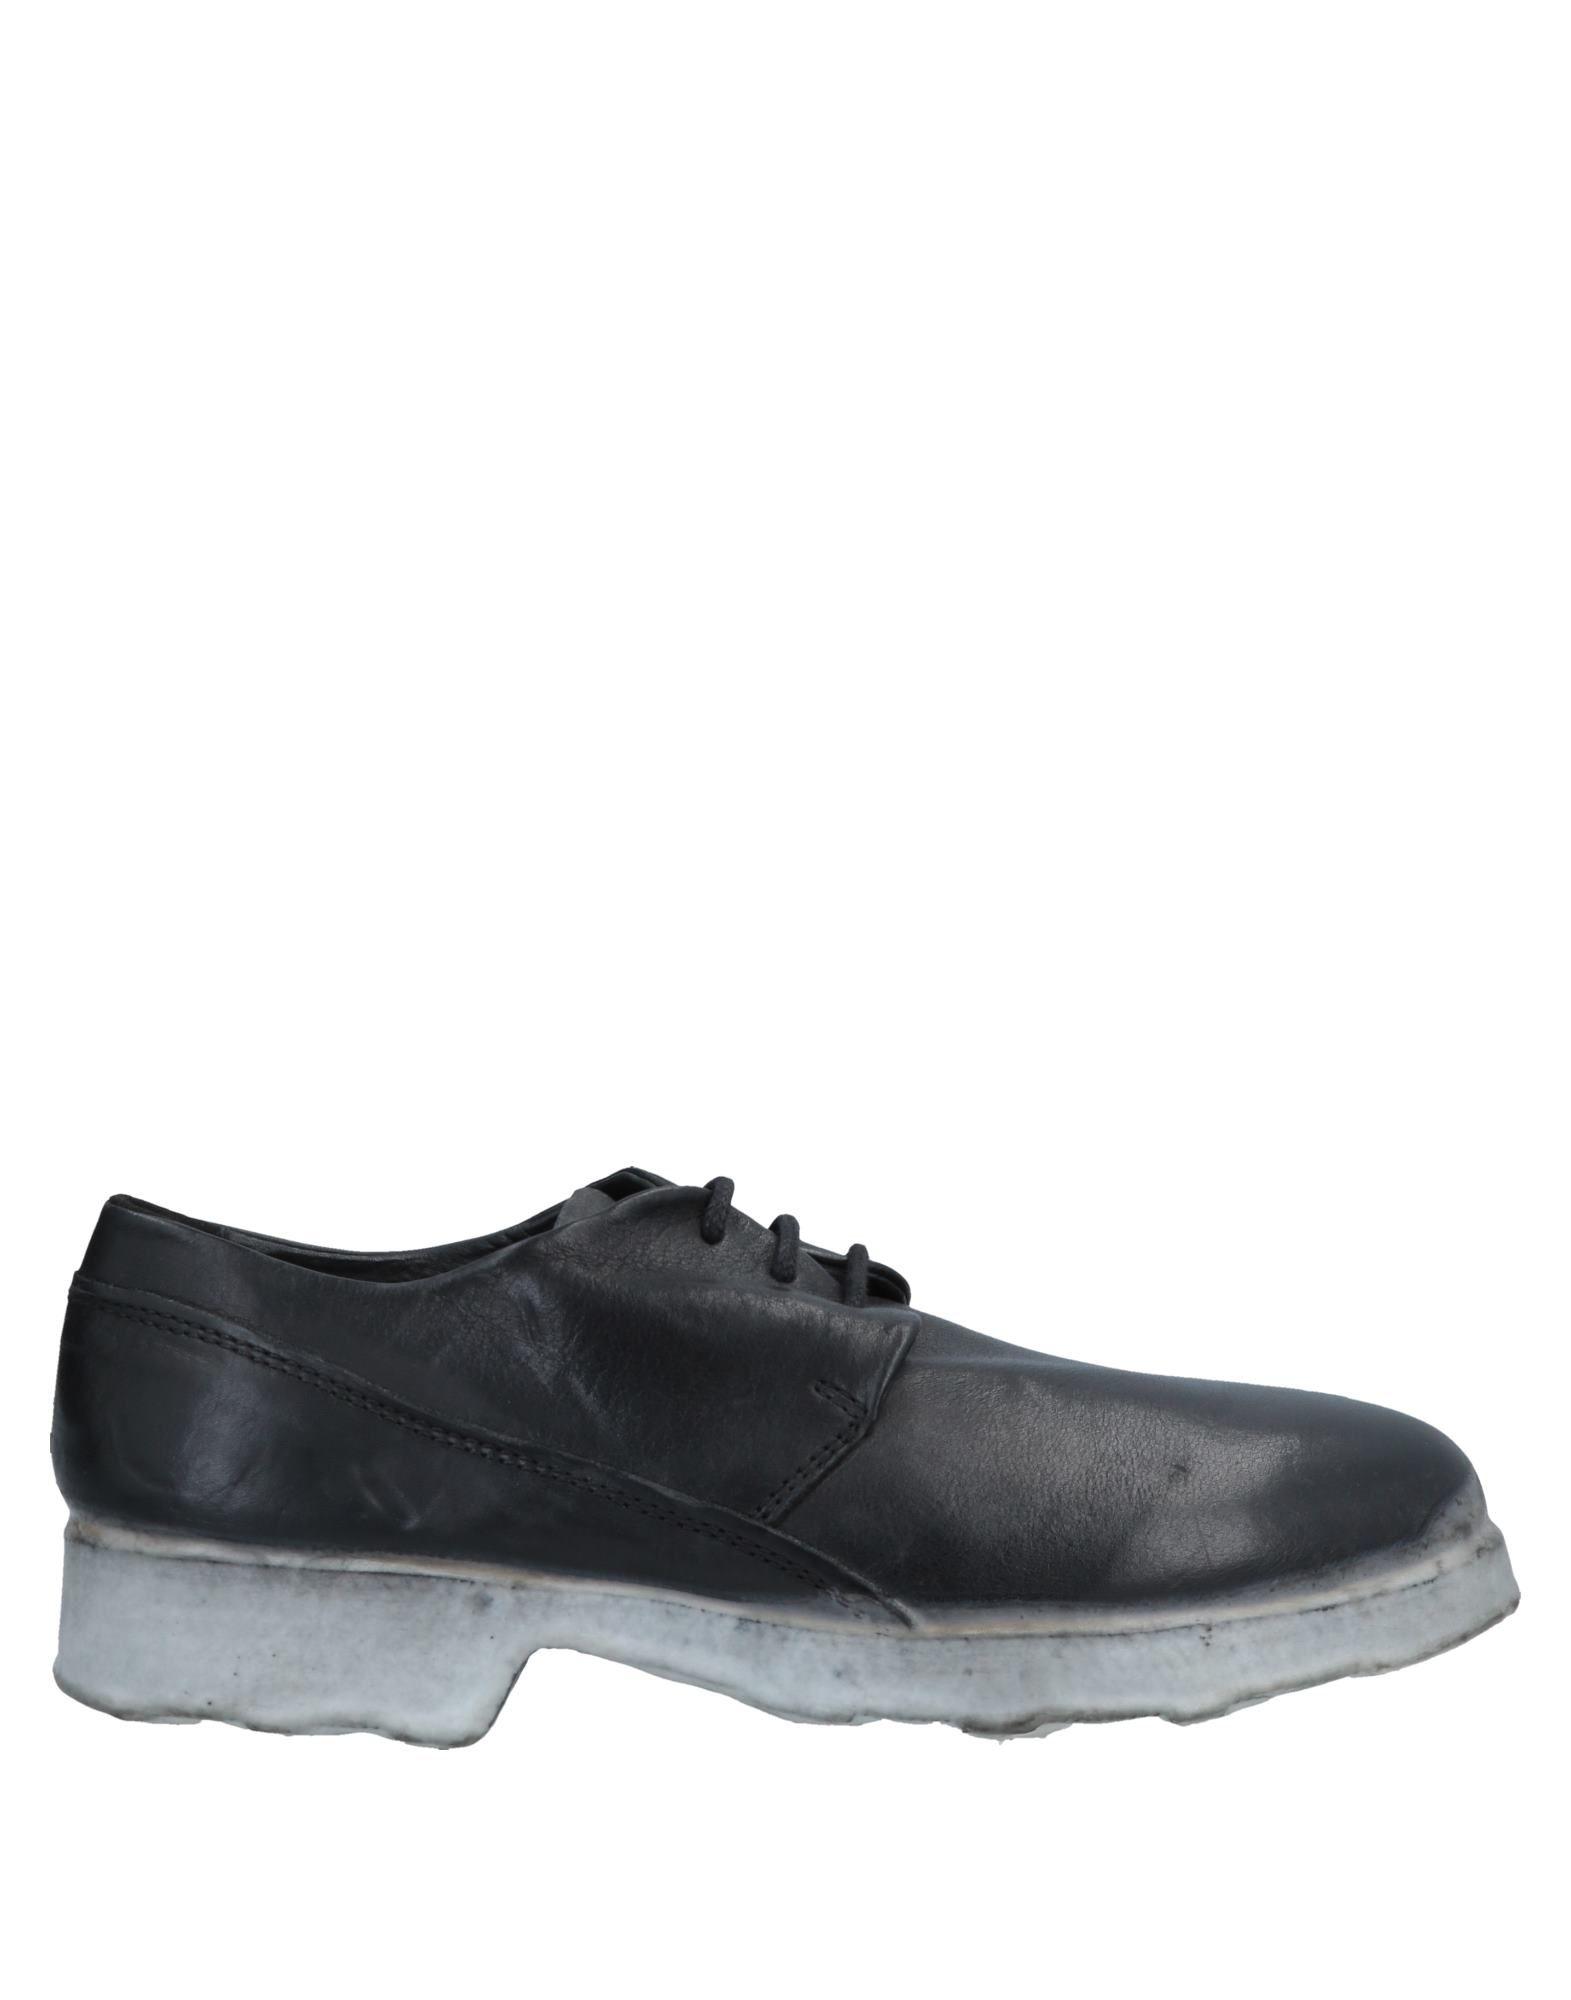 O.X.S. RUBBER SOUL Обувь на шнурках